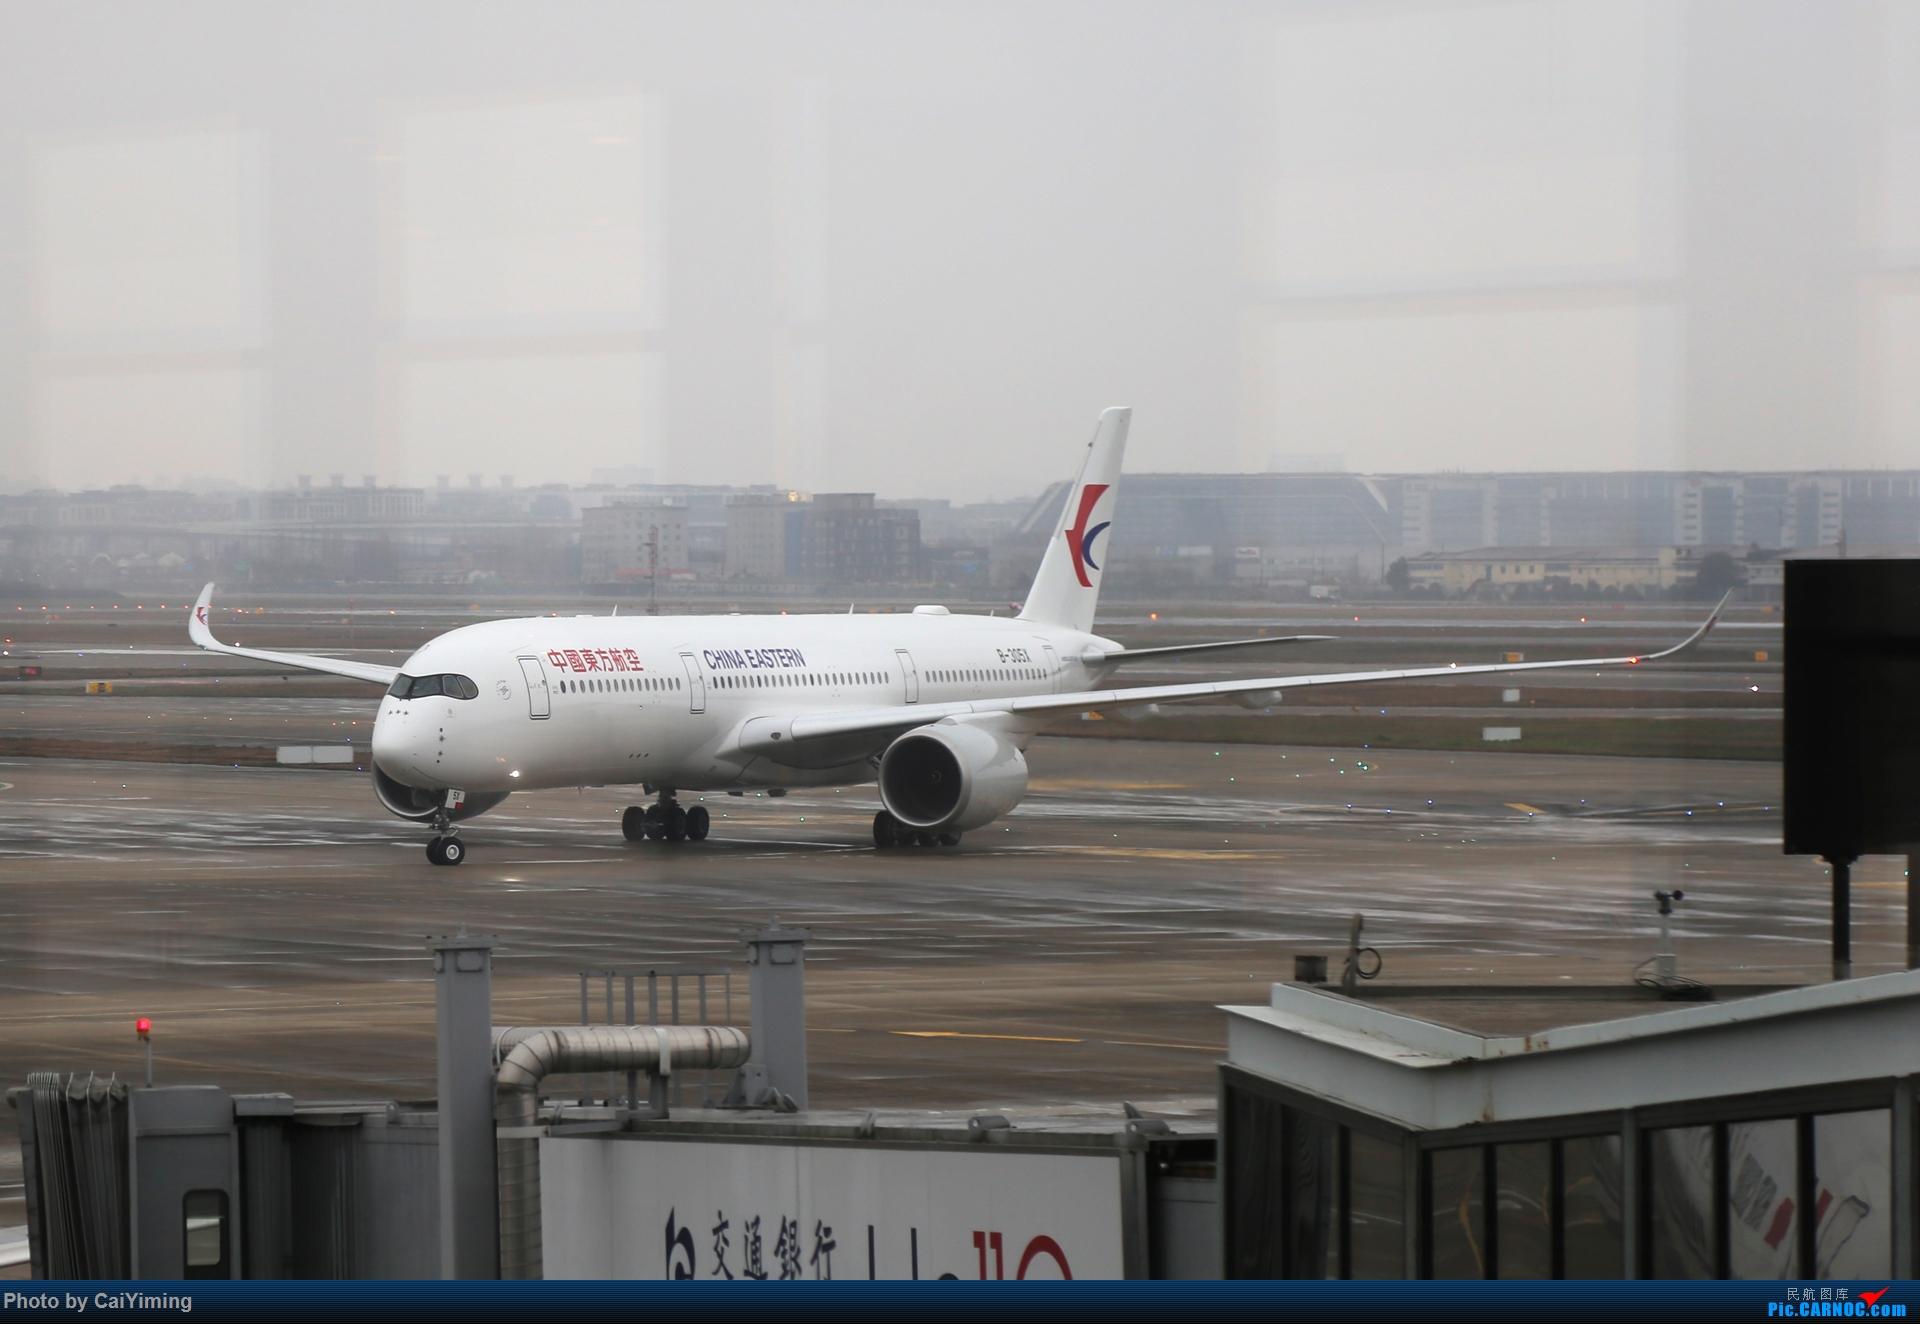 Re:[原创]【人在旅途】成都-浦东-虹桥-西安-南通-成都(3U+MU空客A359体验) AIRBUS A350-900 B-305X 中国上海虹桥国际机场